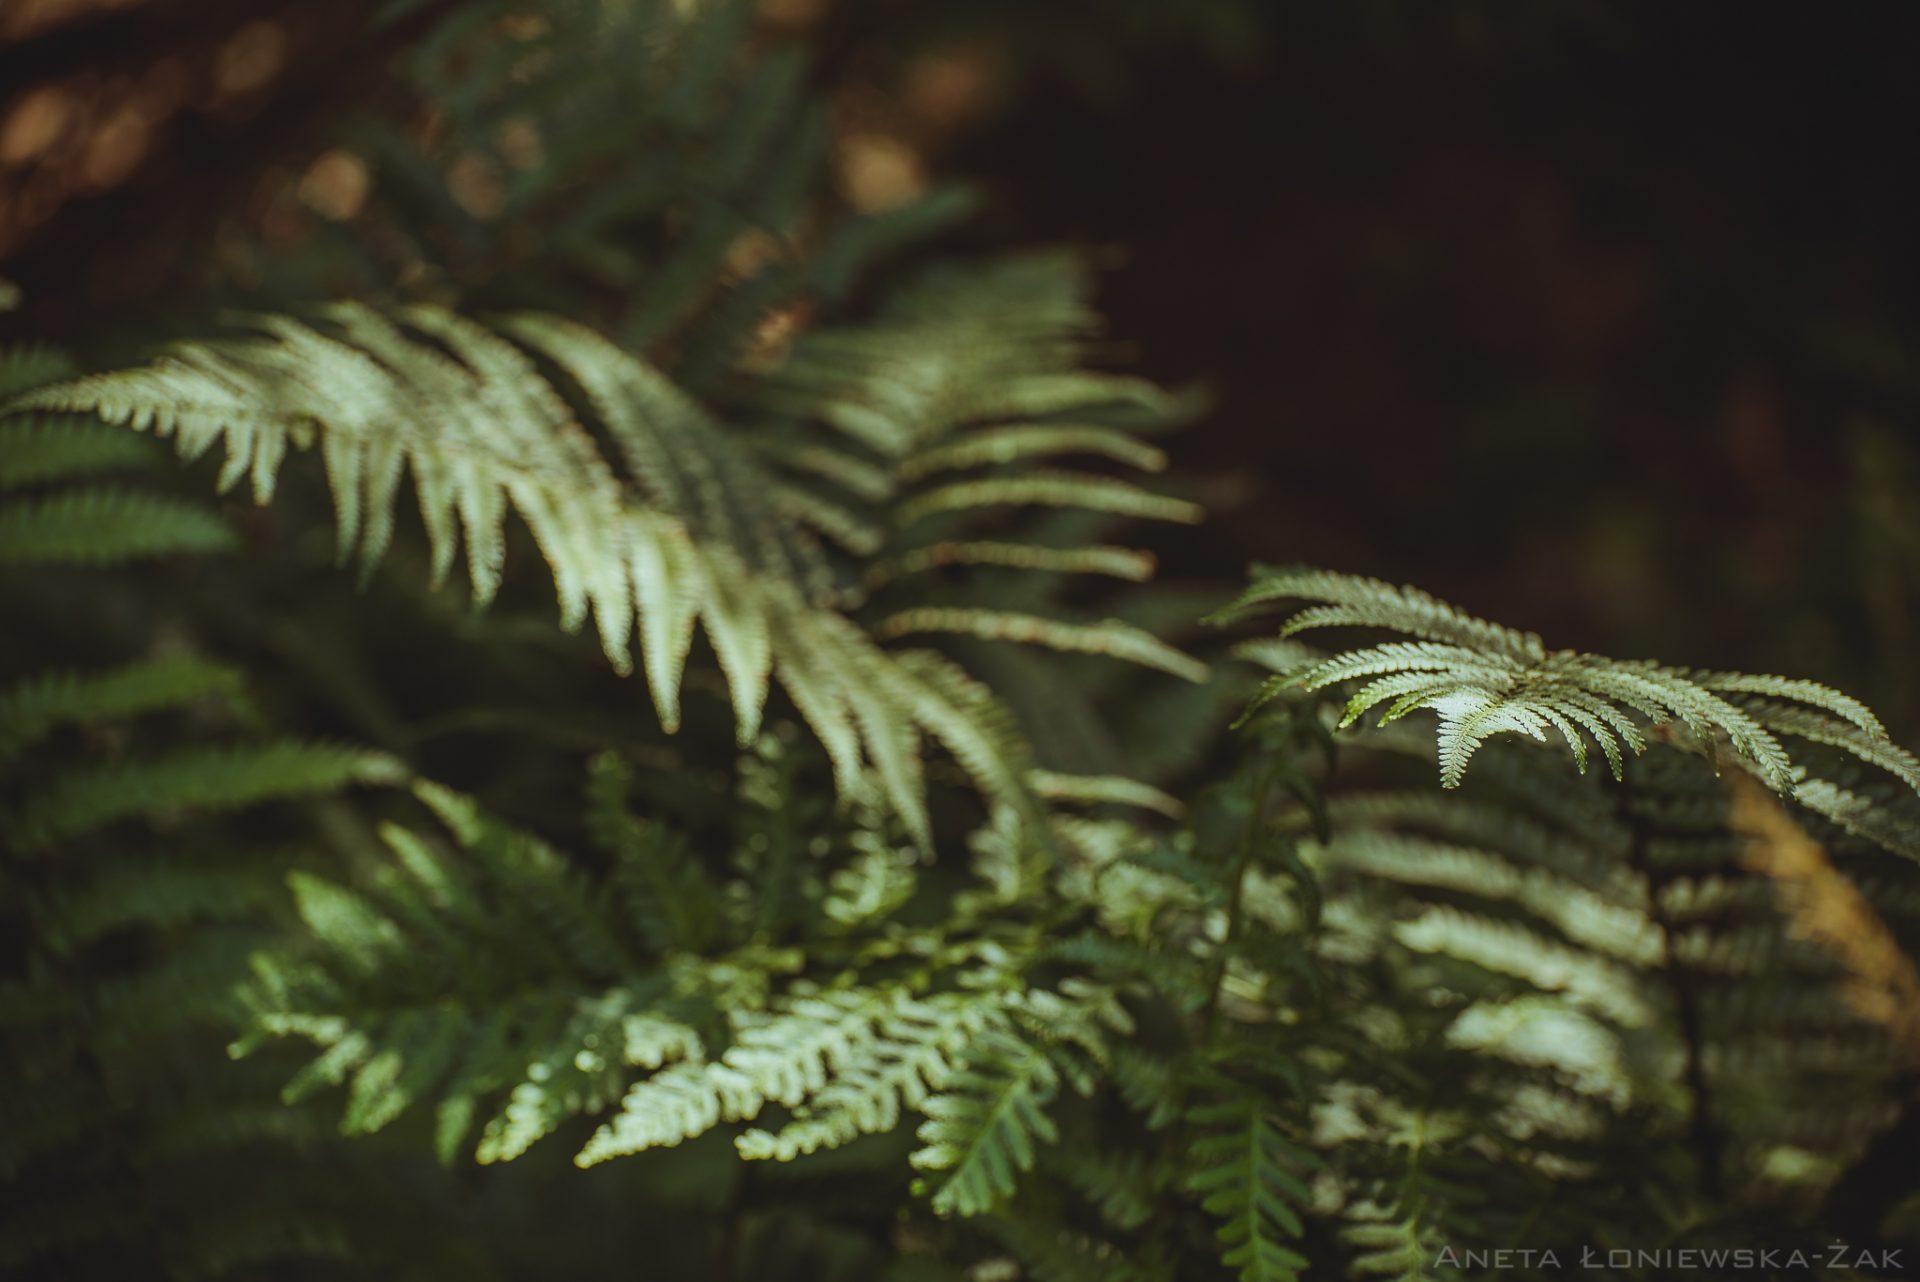 fotografia przyrodnicza, puszcza knyszyńska, podlasie lasy państwowe paproć fern